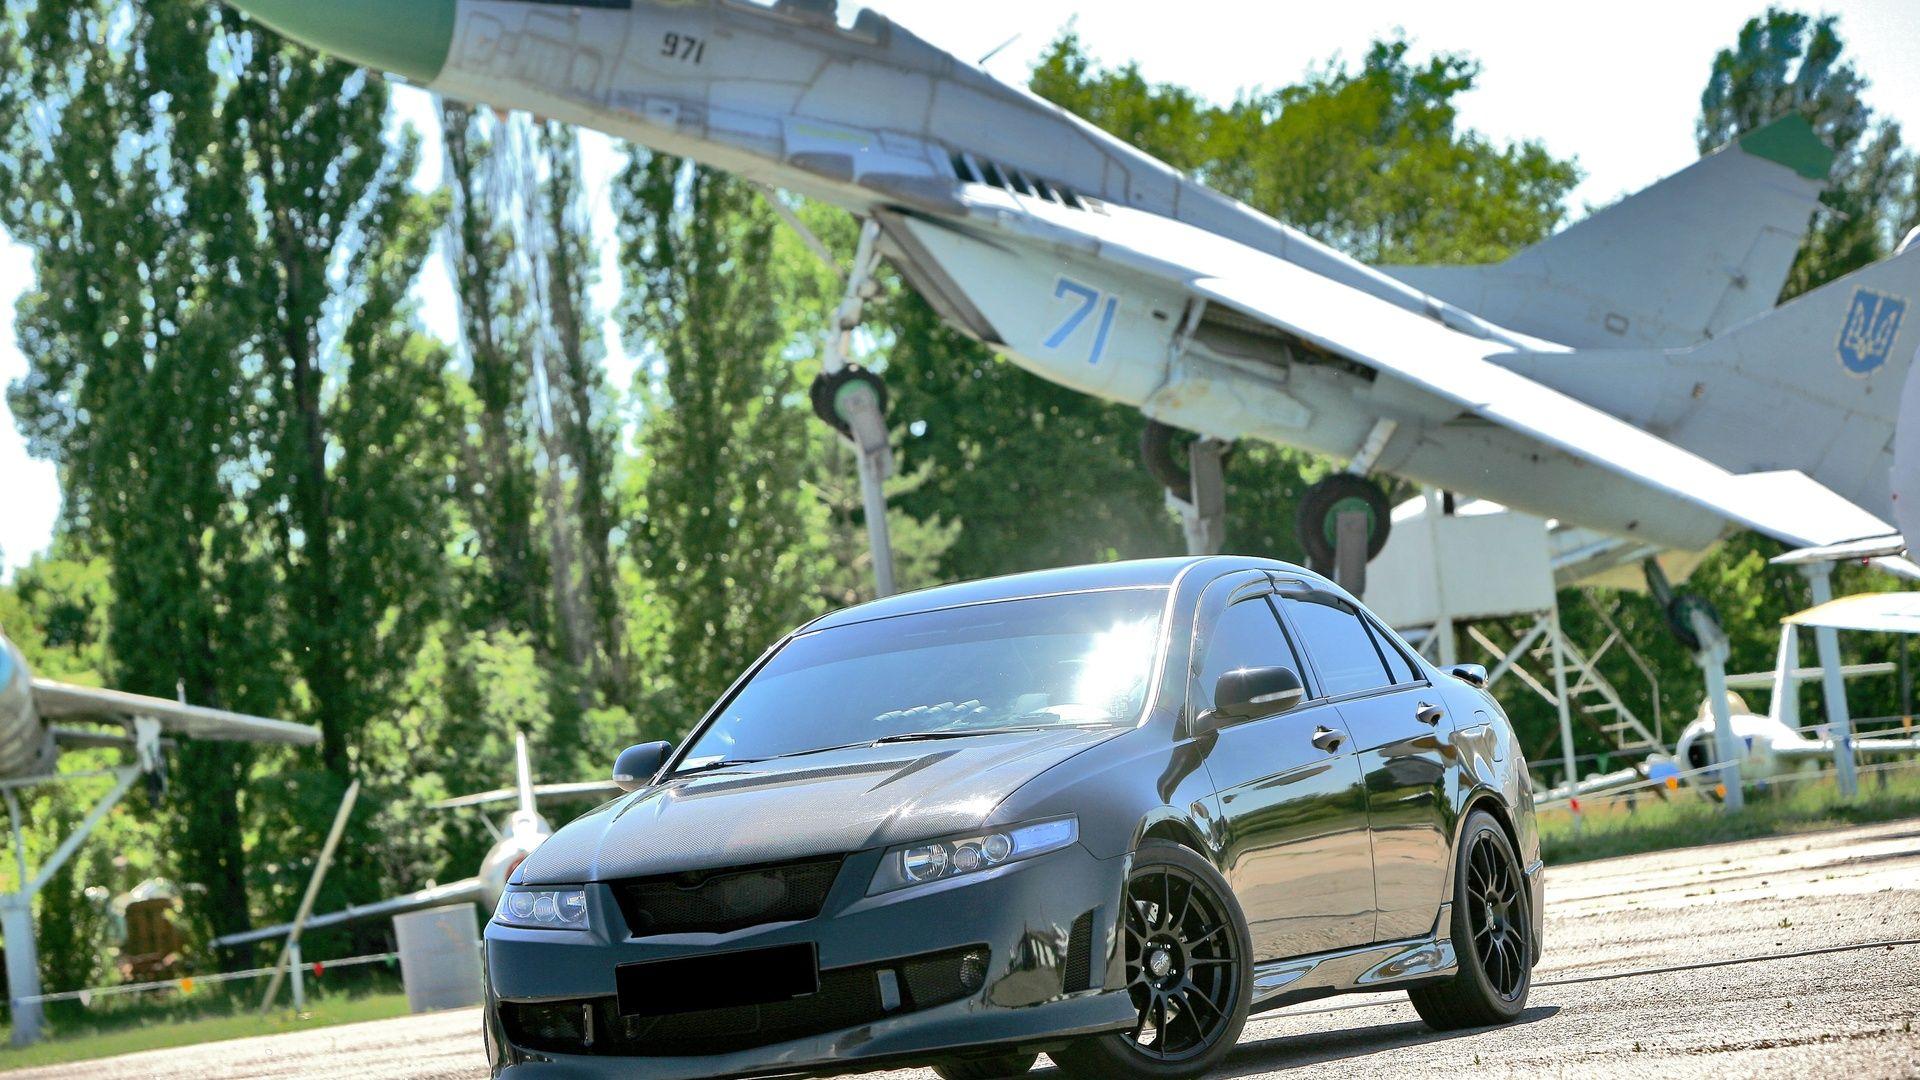 Honda Accord picture hd